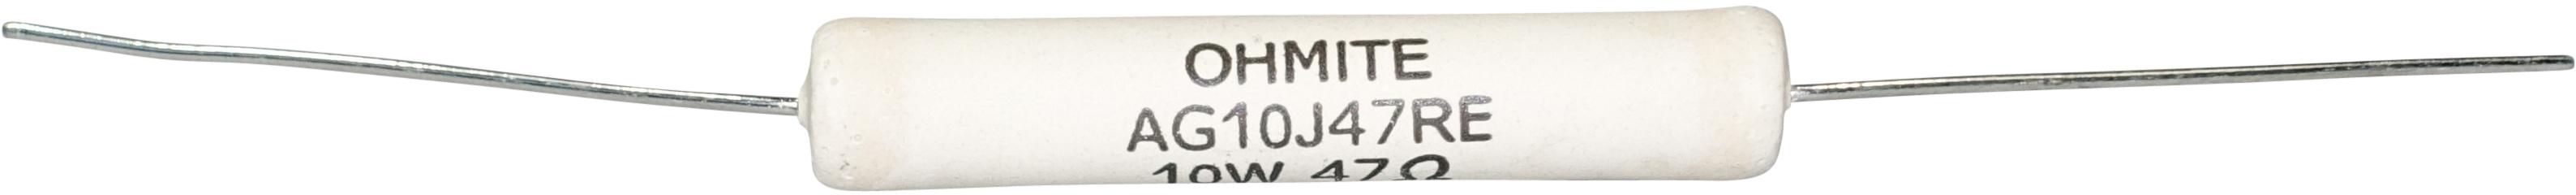 Ohmite Audio Gold 10W - 270 Ohm